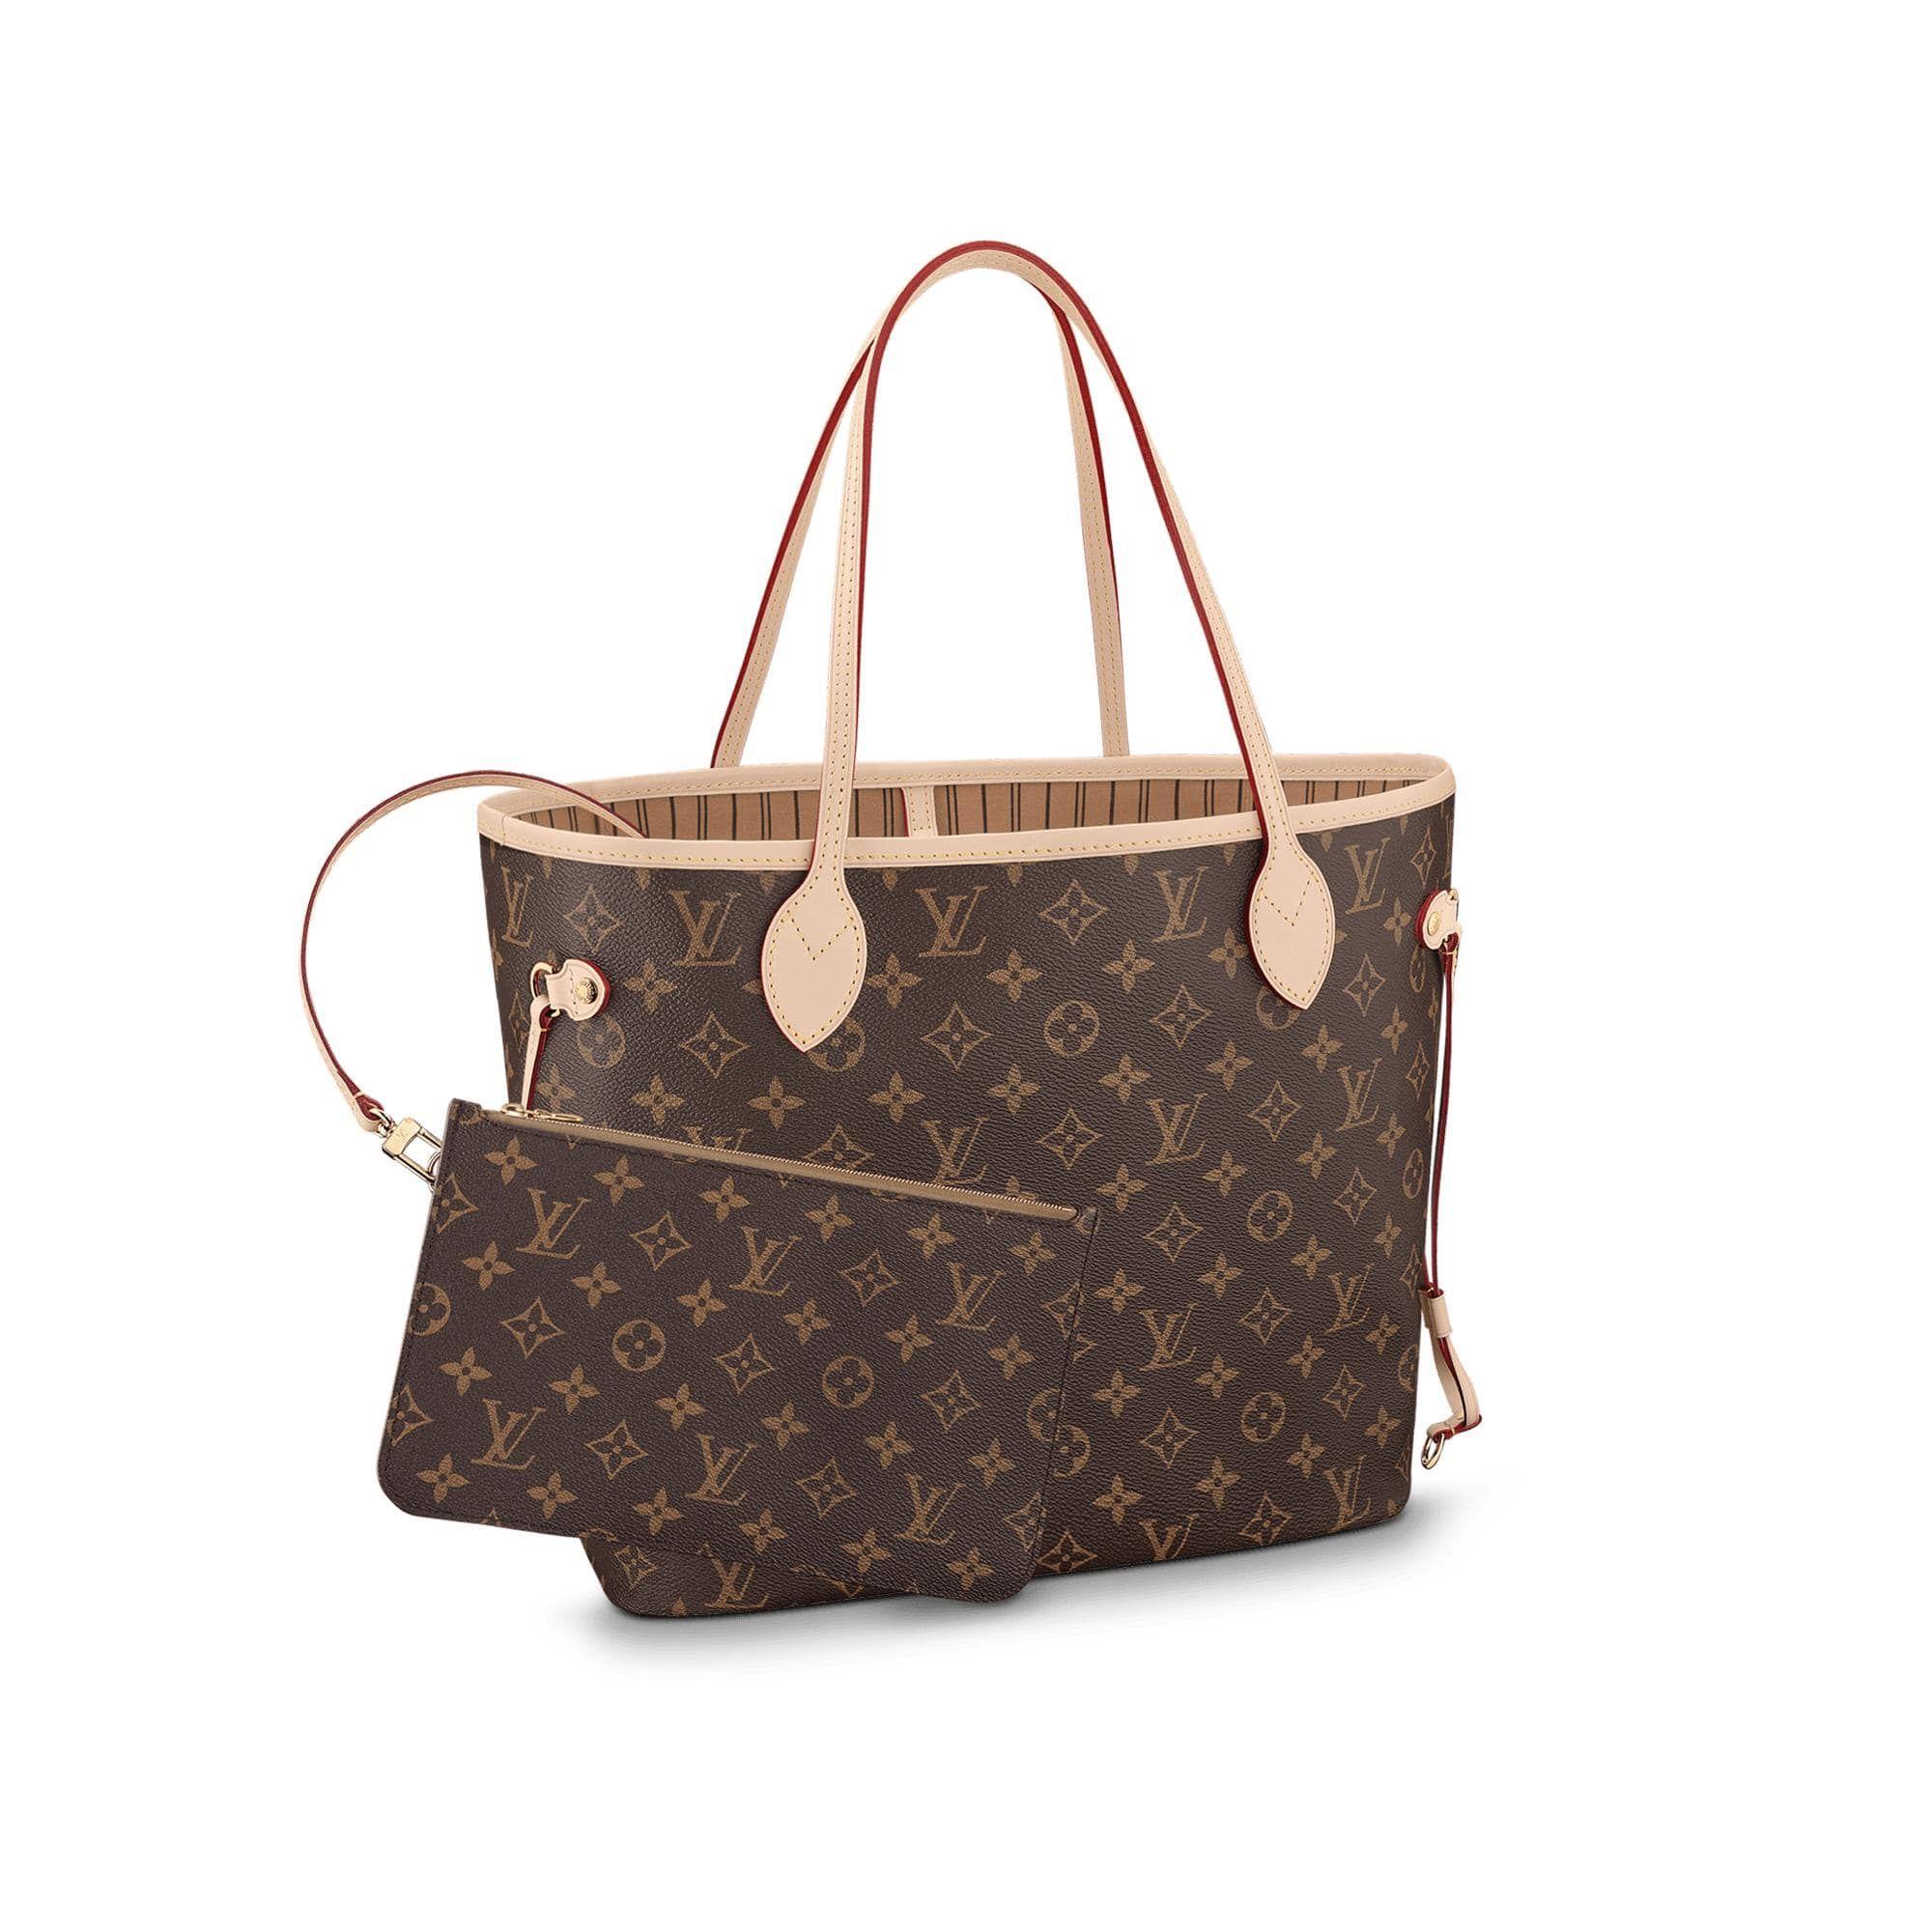 افضل اسماء شنط اليد ماركات عالمية اصلية وصورها 2019 Louis Vuitton Neverfull Mm Monogram Handbag Louis Vuitton Monogram Handbags